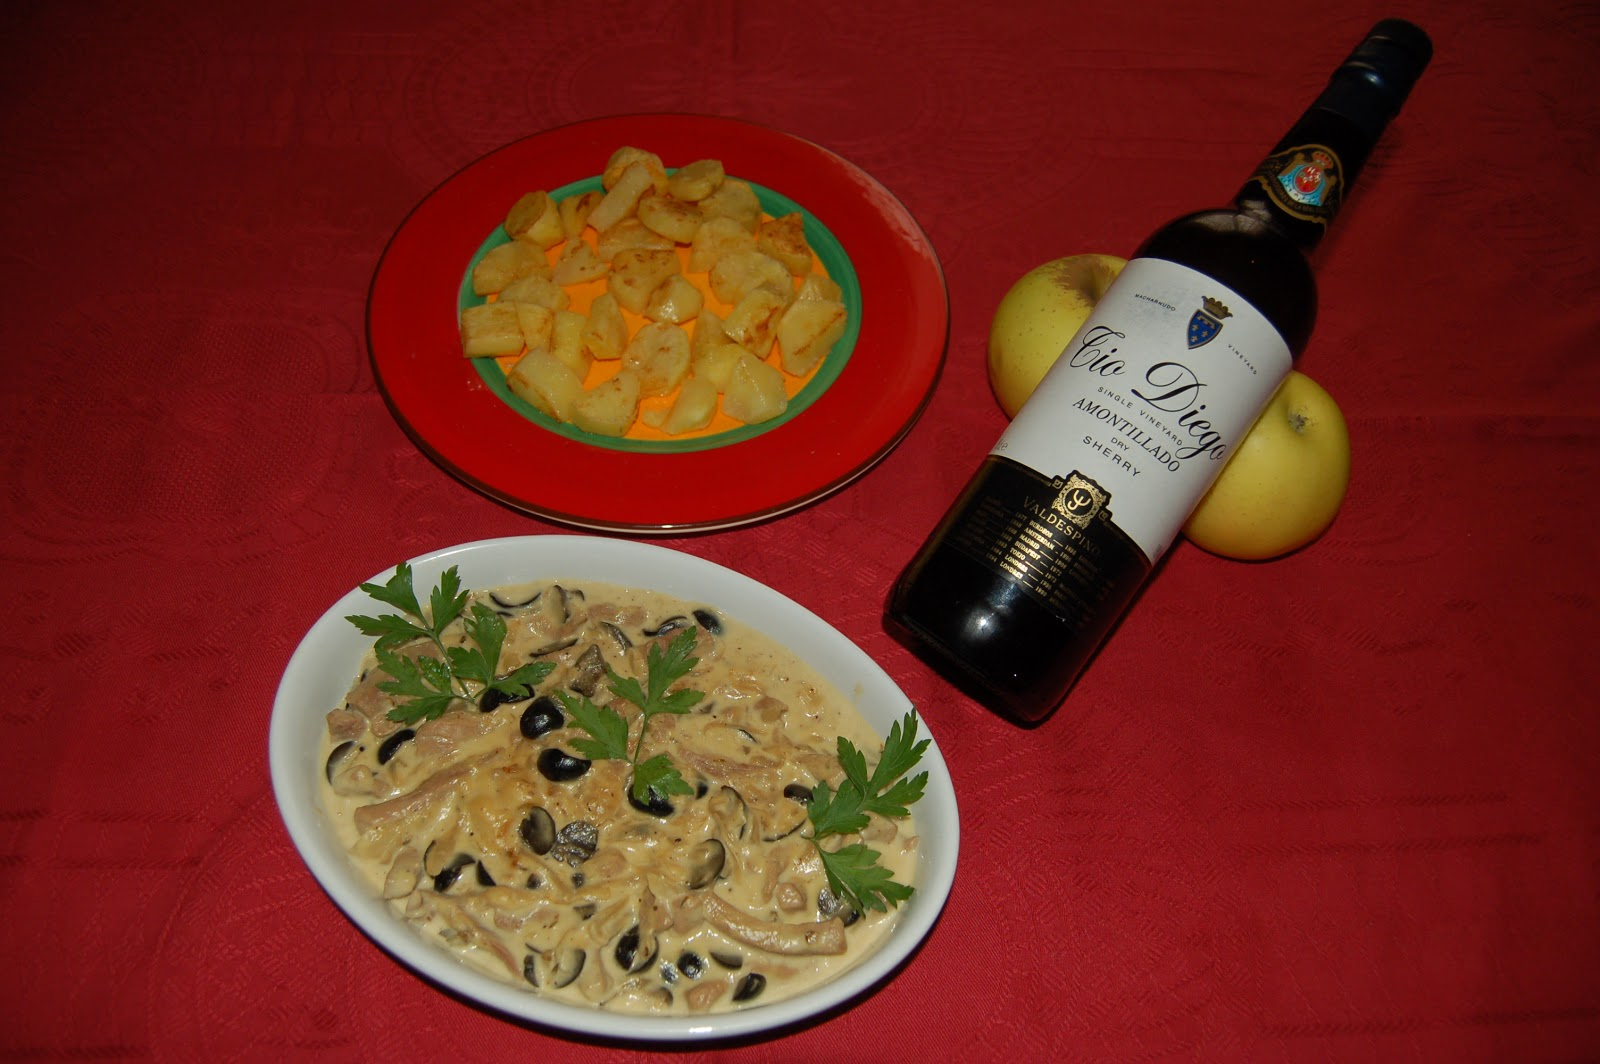 La cocina de beli y su pinche filetes stroganoff con - Pinche de cocina ...